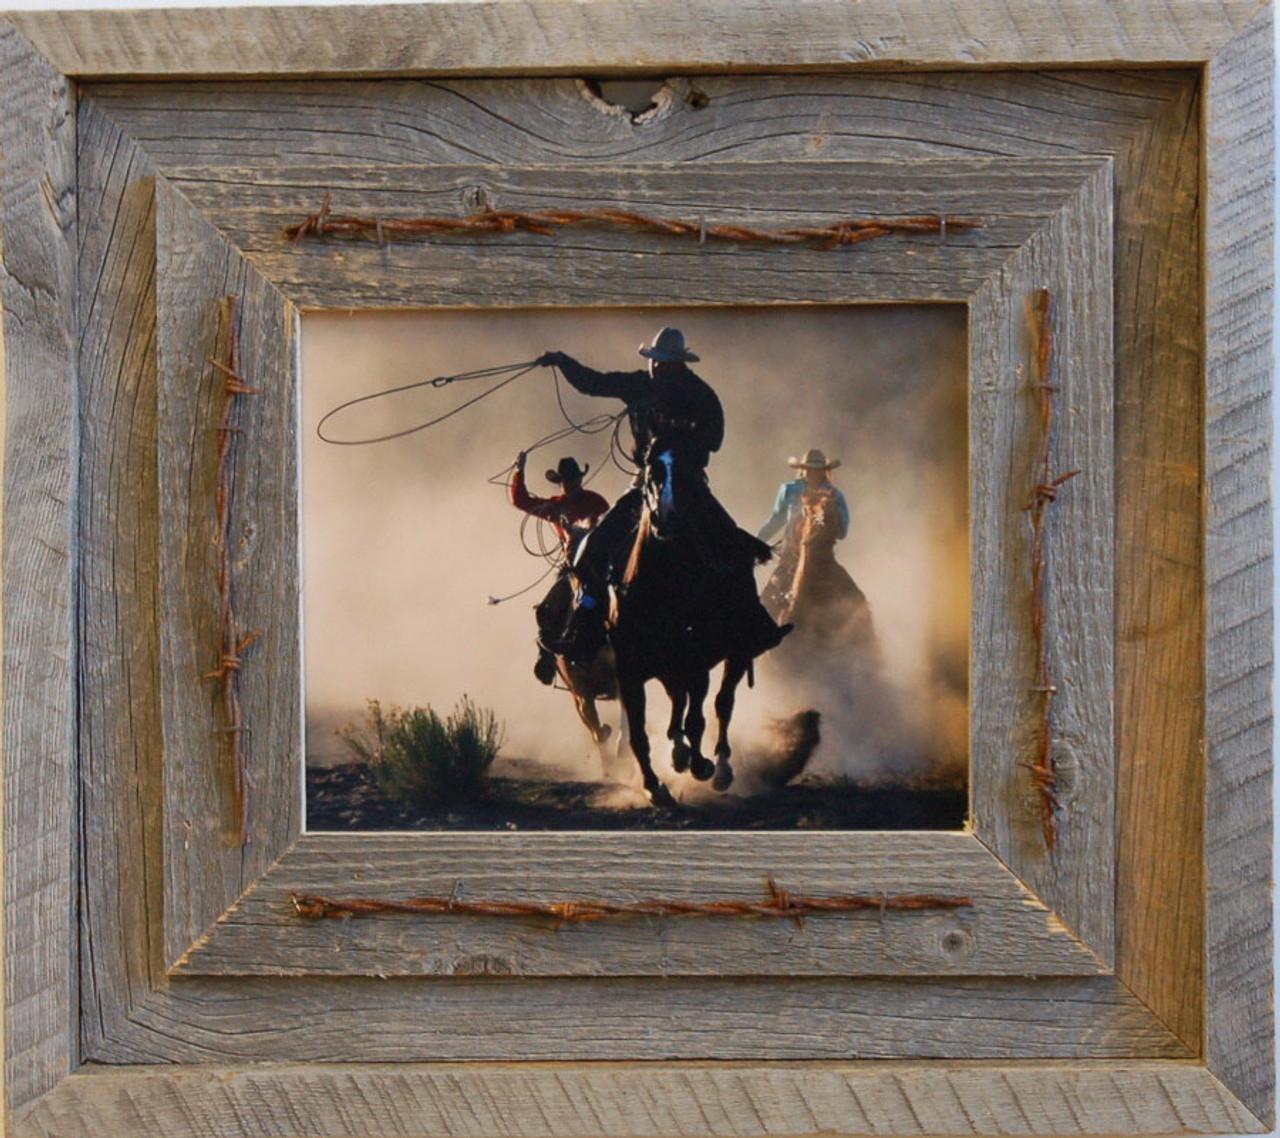 Barnwood Frame | Reclaimed Wood Frame 8x10